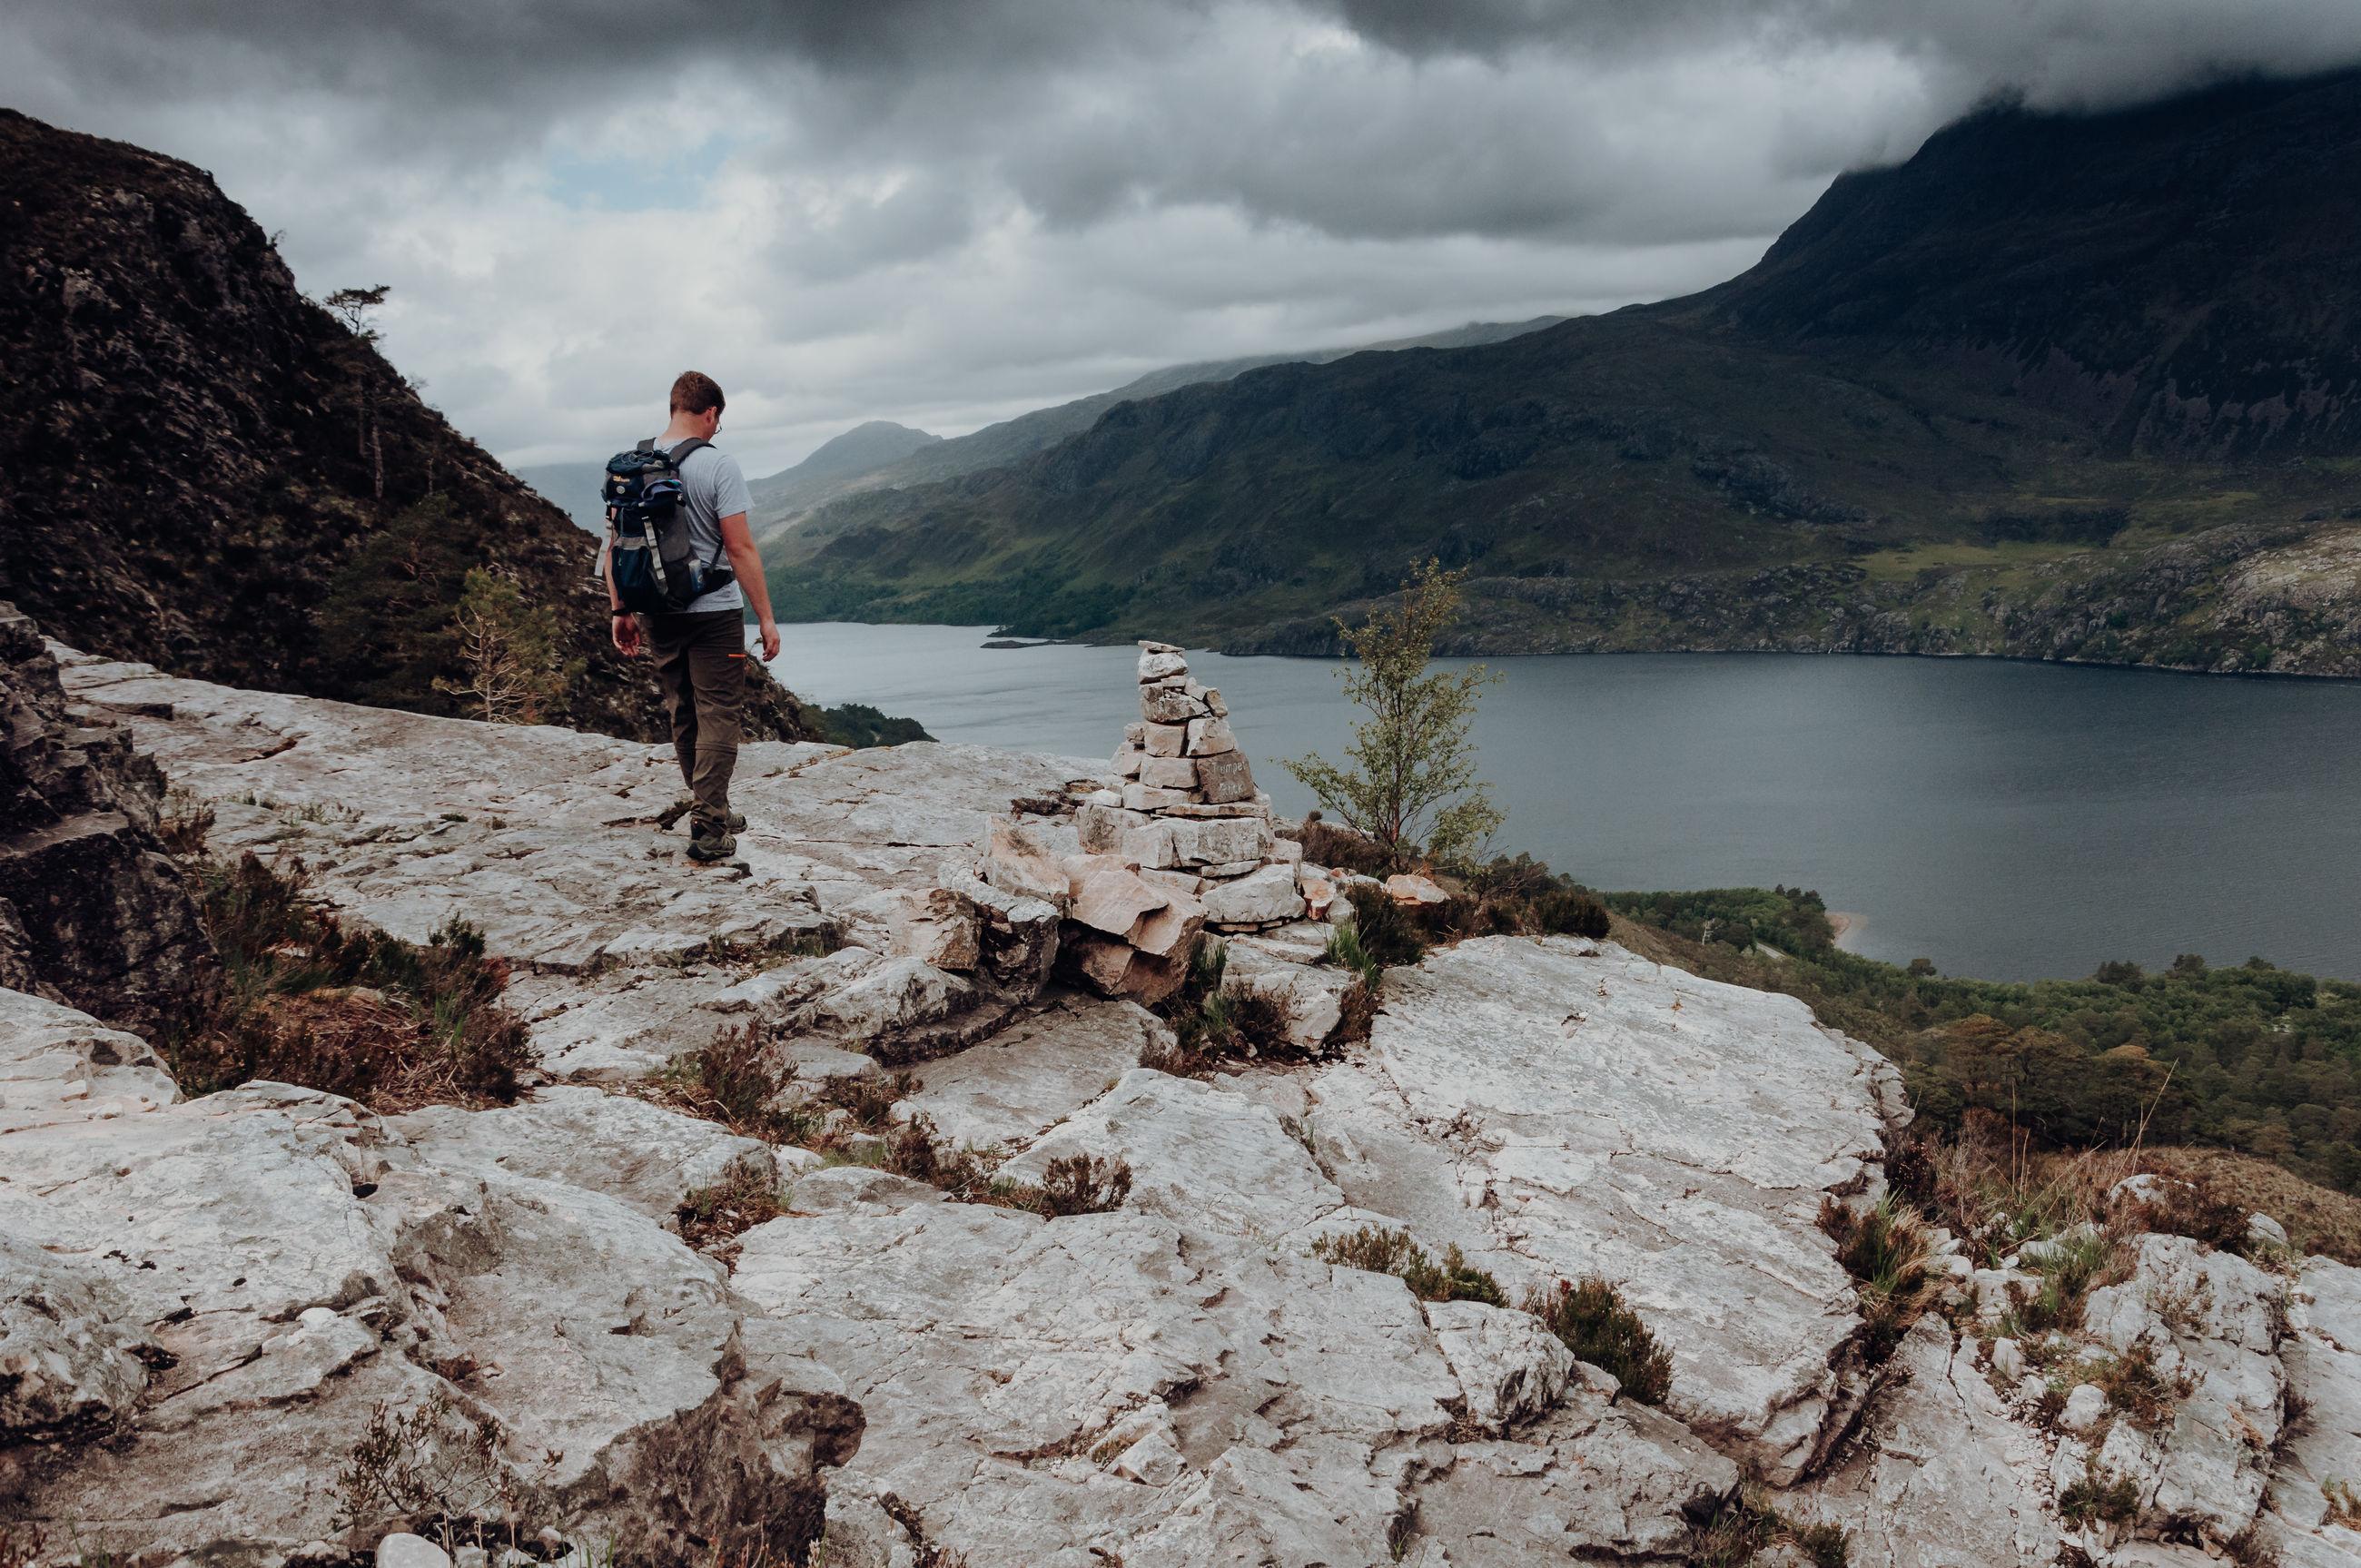 FULL LENGTH OF MAN STANDING ON ROCKS AGAINST MOUNTAIN